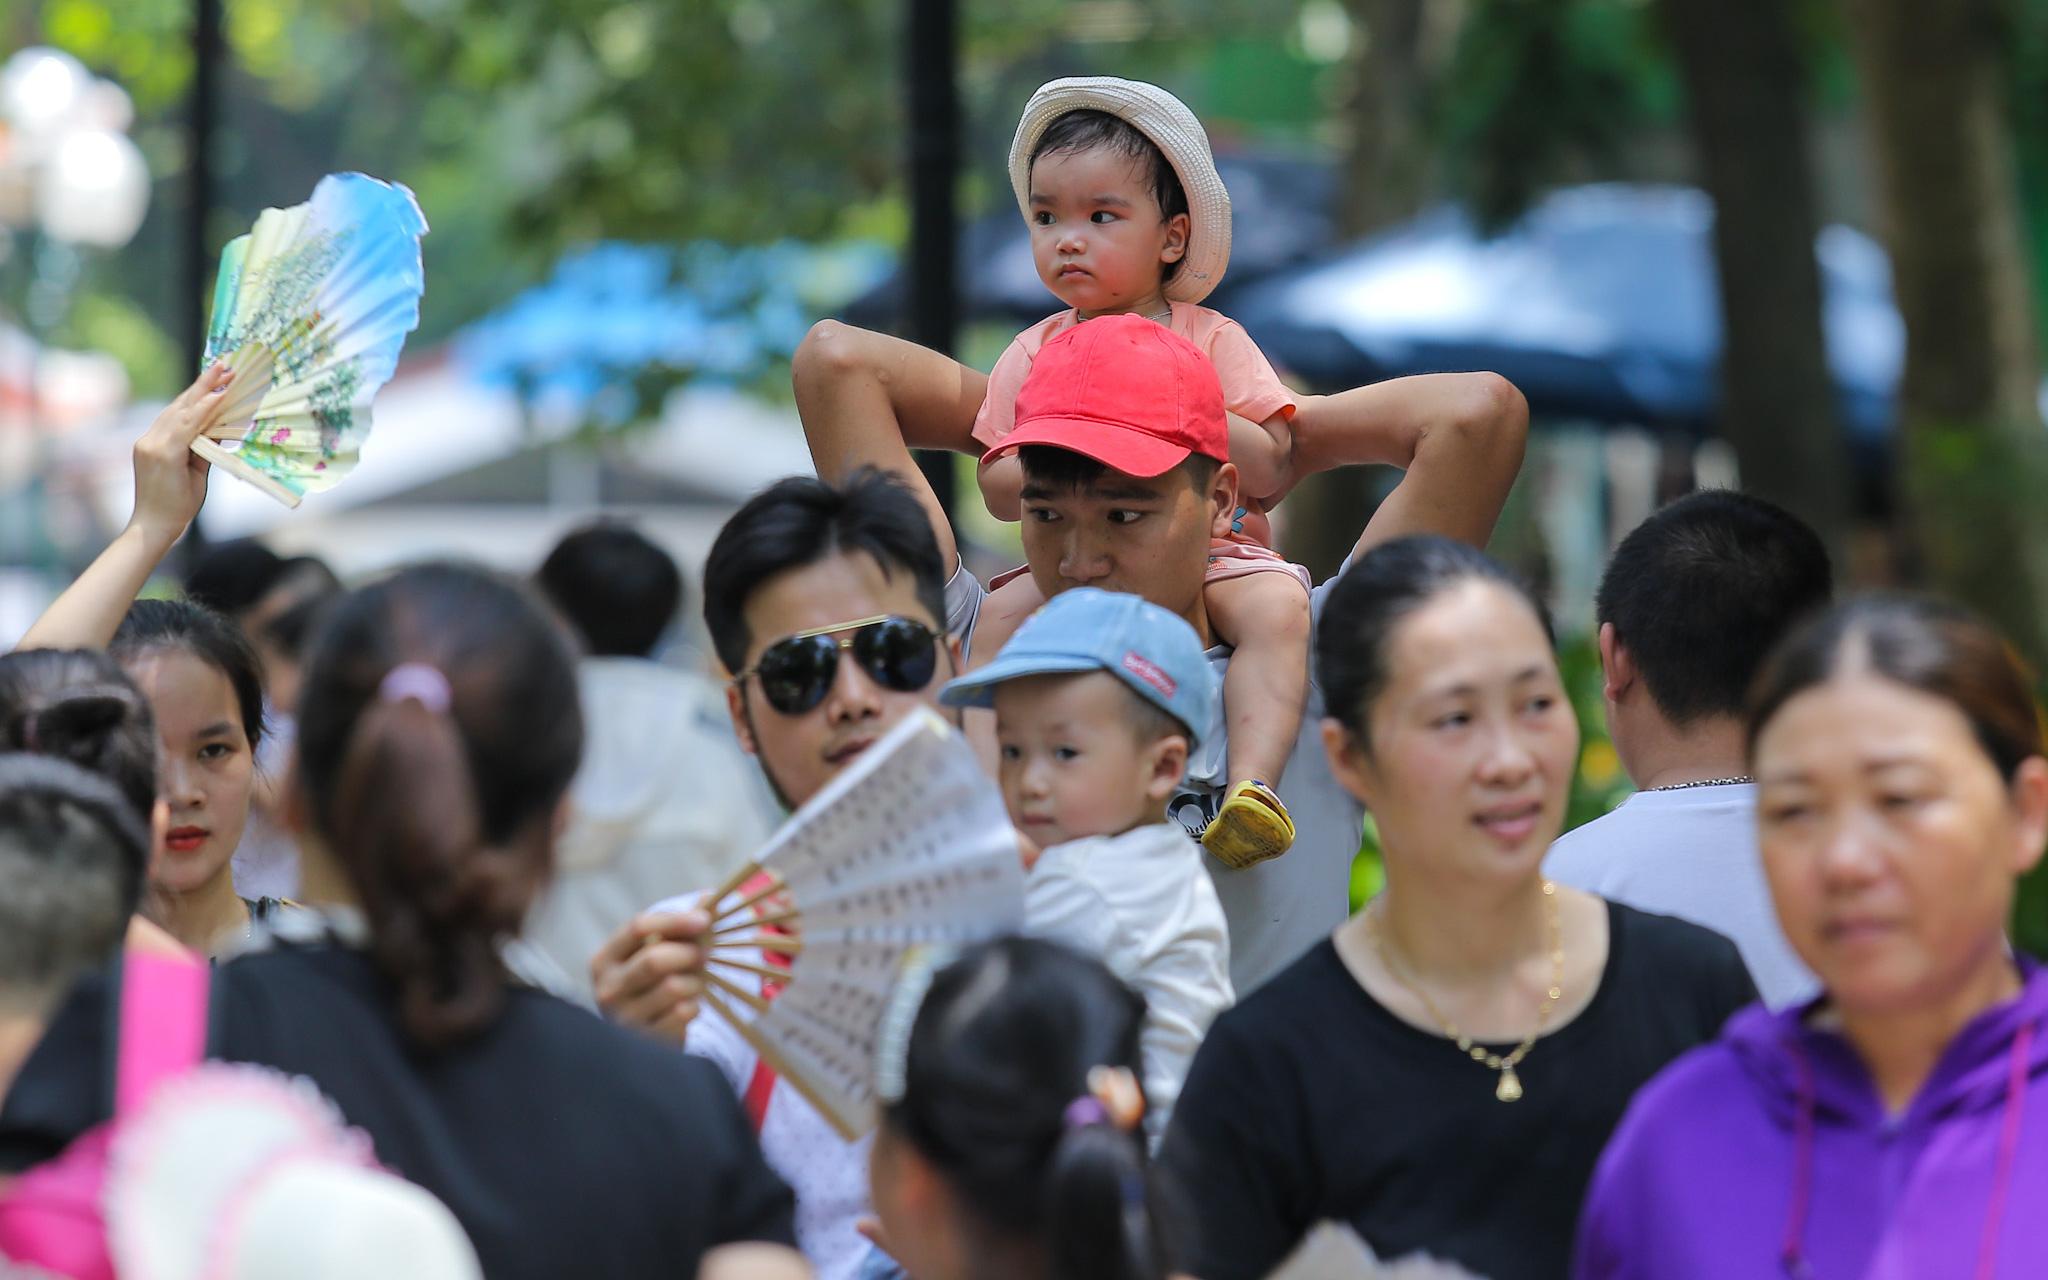 Mặc nắng nóng, hàng nghìn người dân Thủ đô ùn ùn đổ tới công viên cho con em vui chơi Quốc tế Thiếu nhi